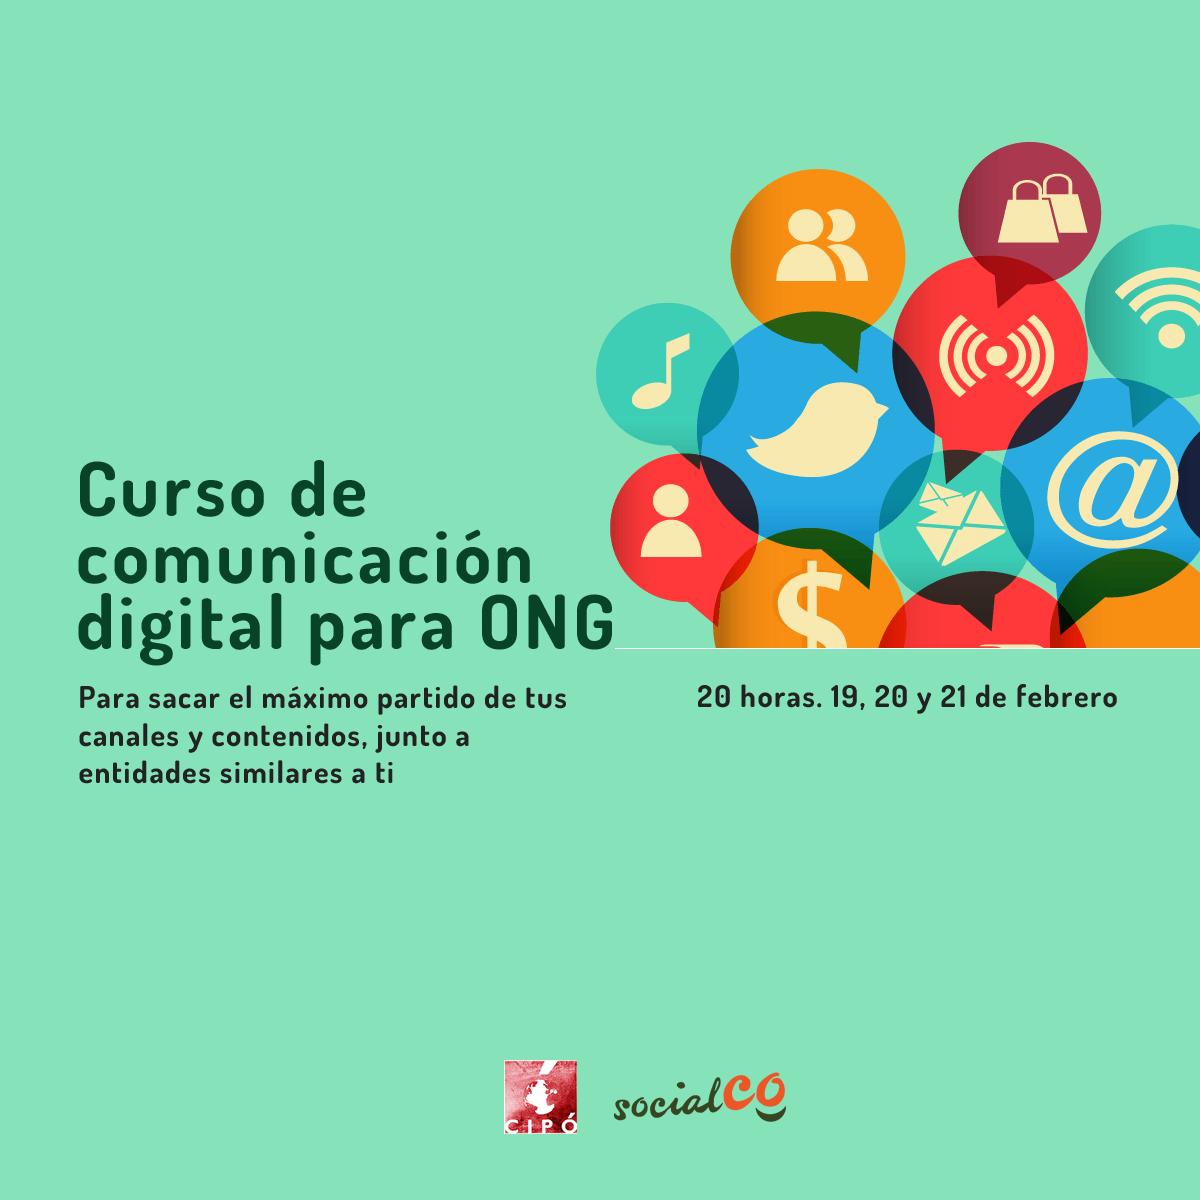 Curso de comunicación digital para ONG